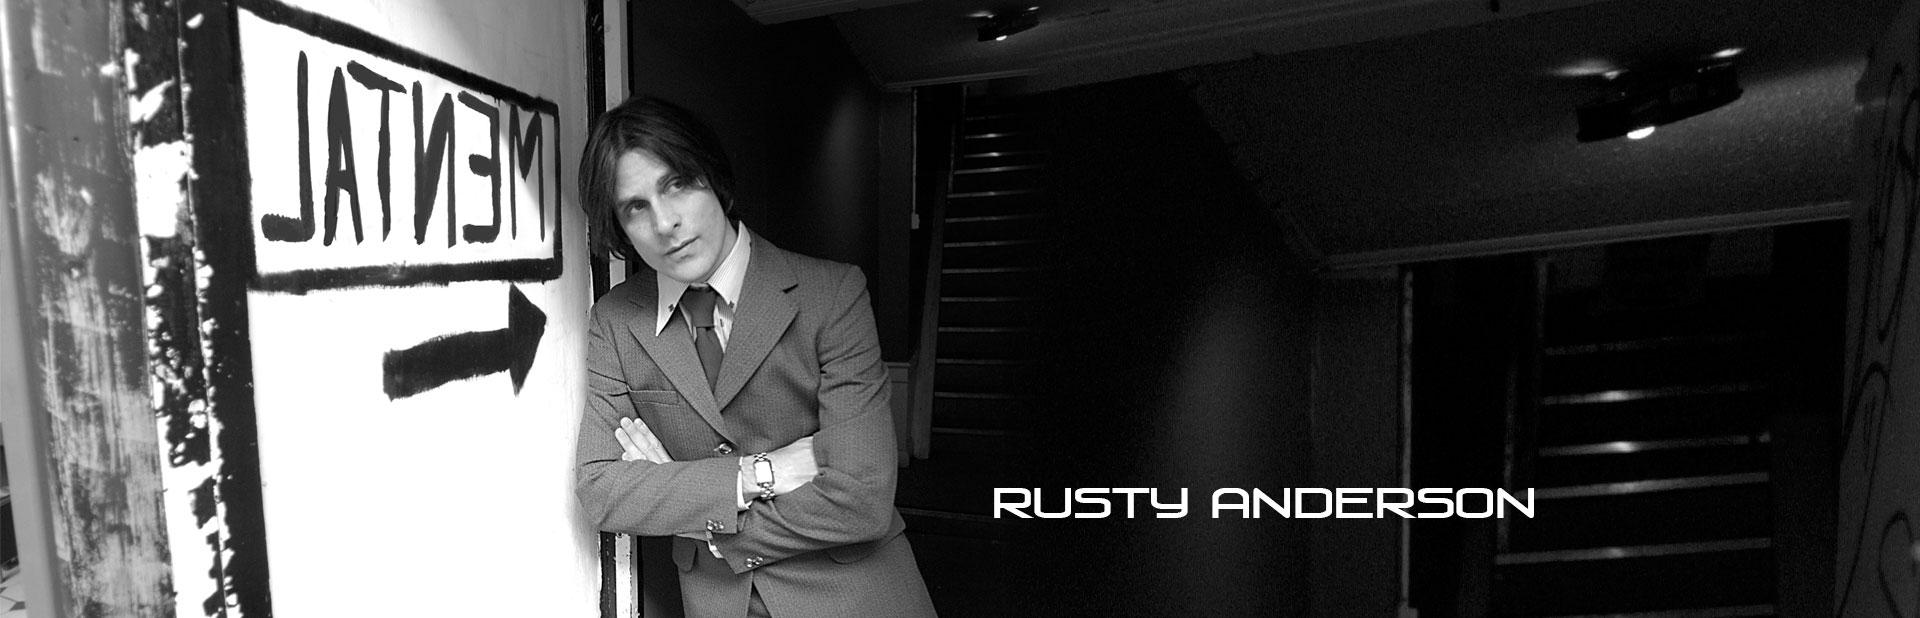 Rusty Anderson